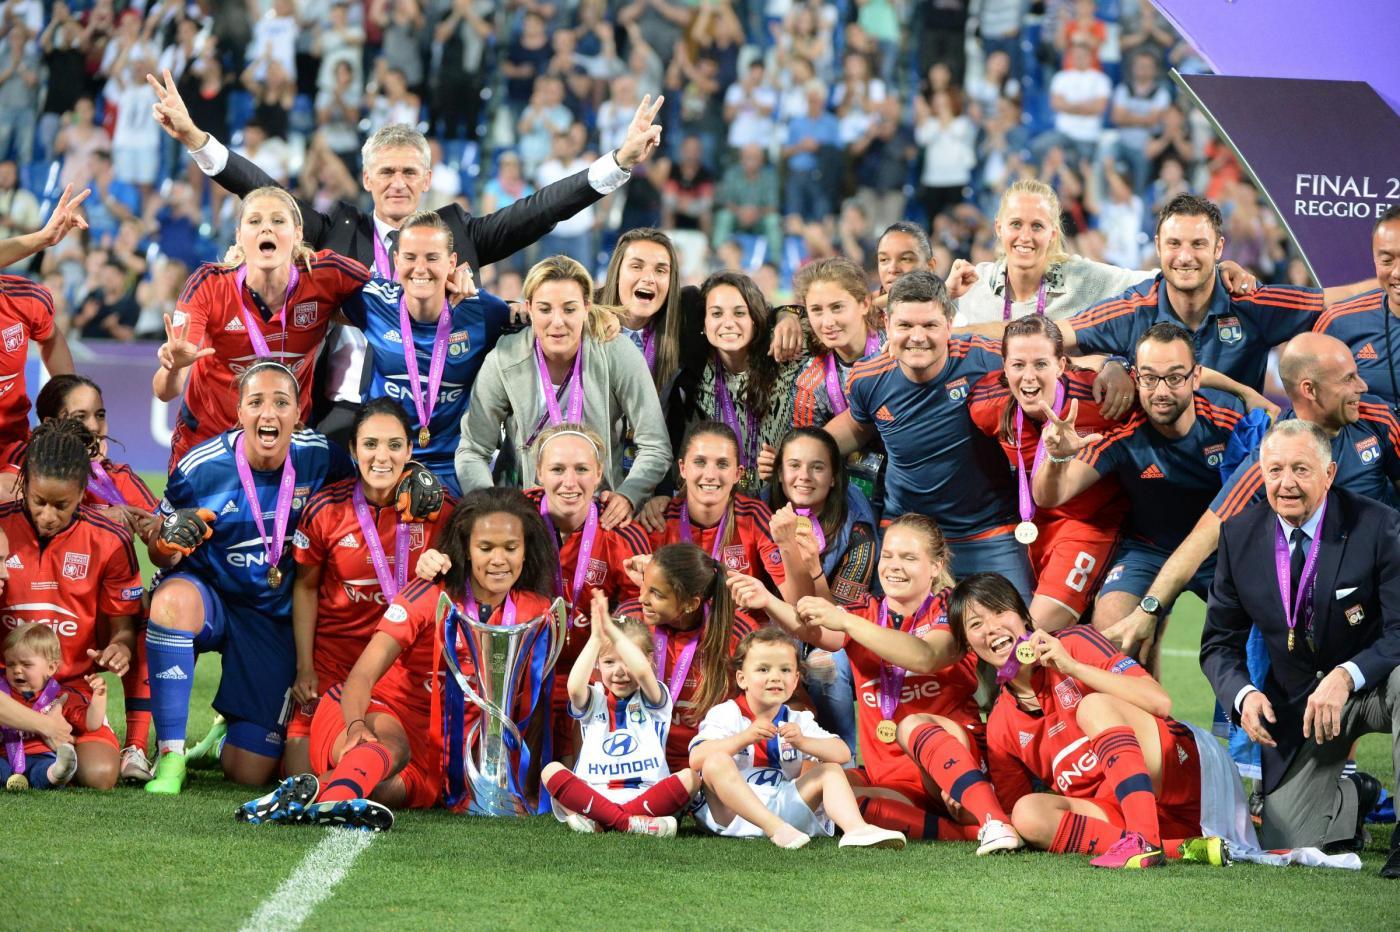 Champions Donne, Wolfsburg-Lione giovedì 24 maggio: francesi per il tris